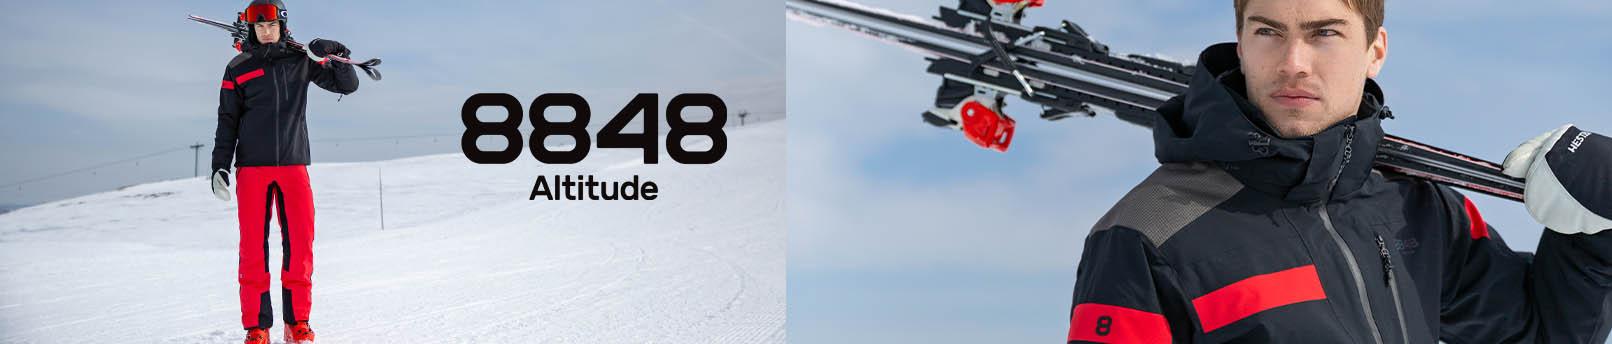 8848 Altitude shoppen